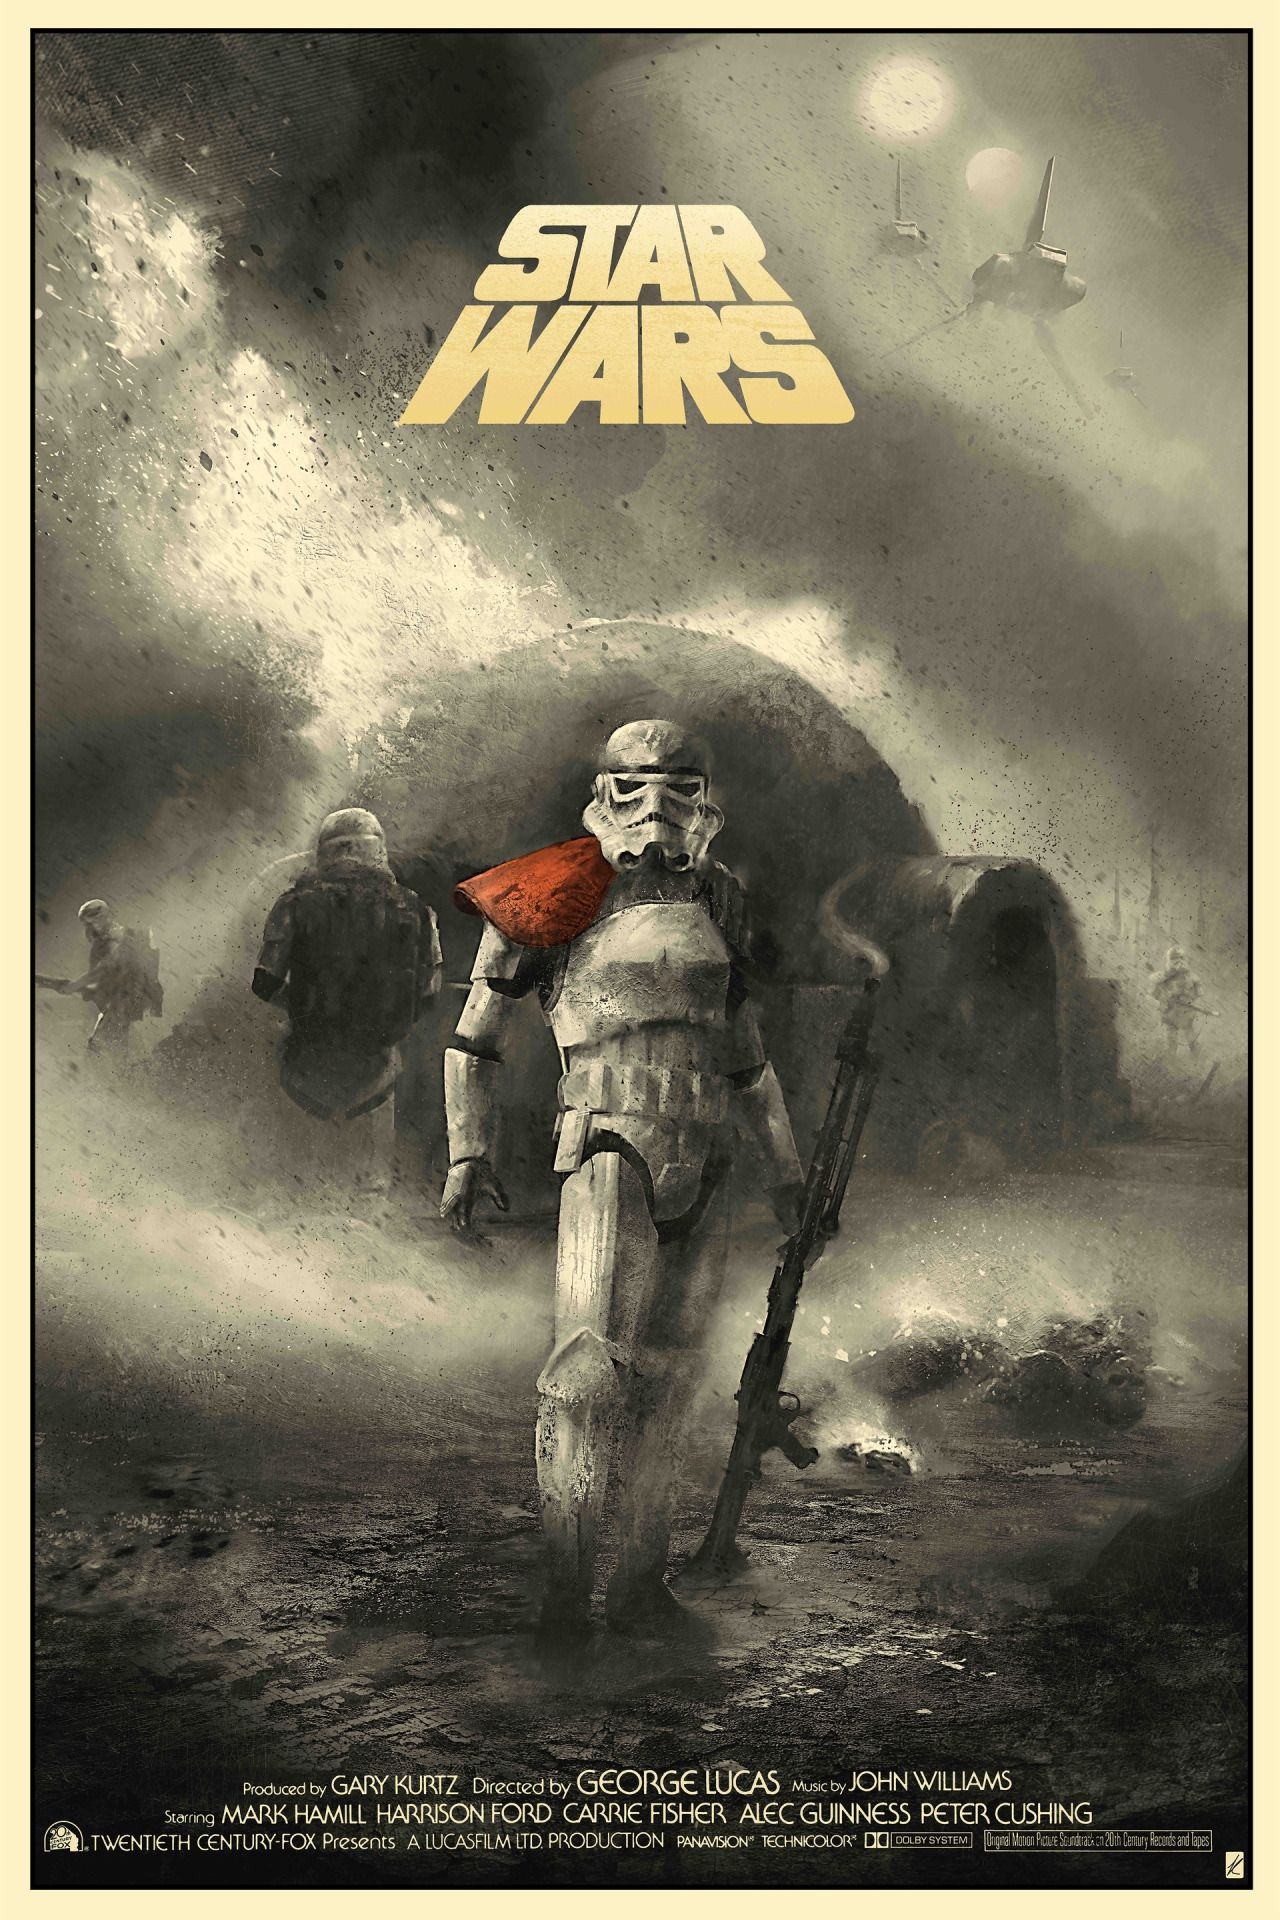 Star Wars Episode Iv A New Hope Star Wars Episode Iv Eine Neue Hoffnung Krieg Der Sterne Star Wars Hintergrundbild Star Wars Poster Star Wars Malerei